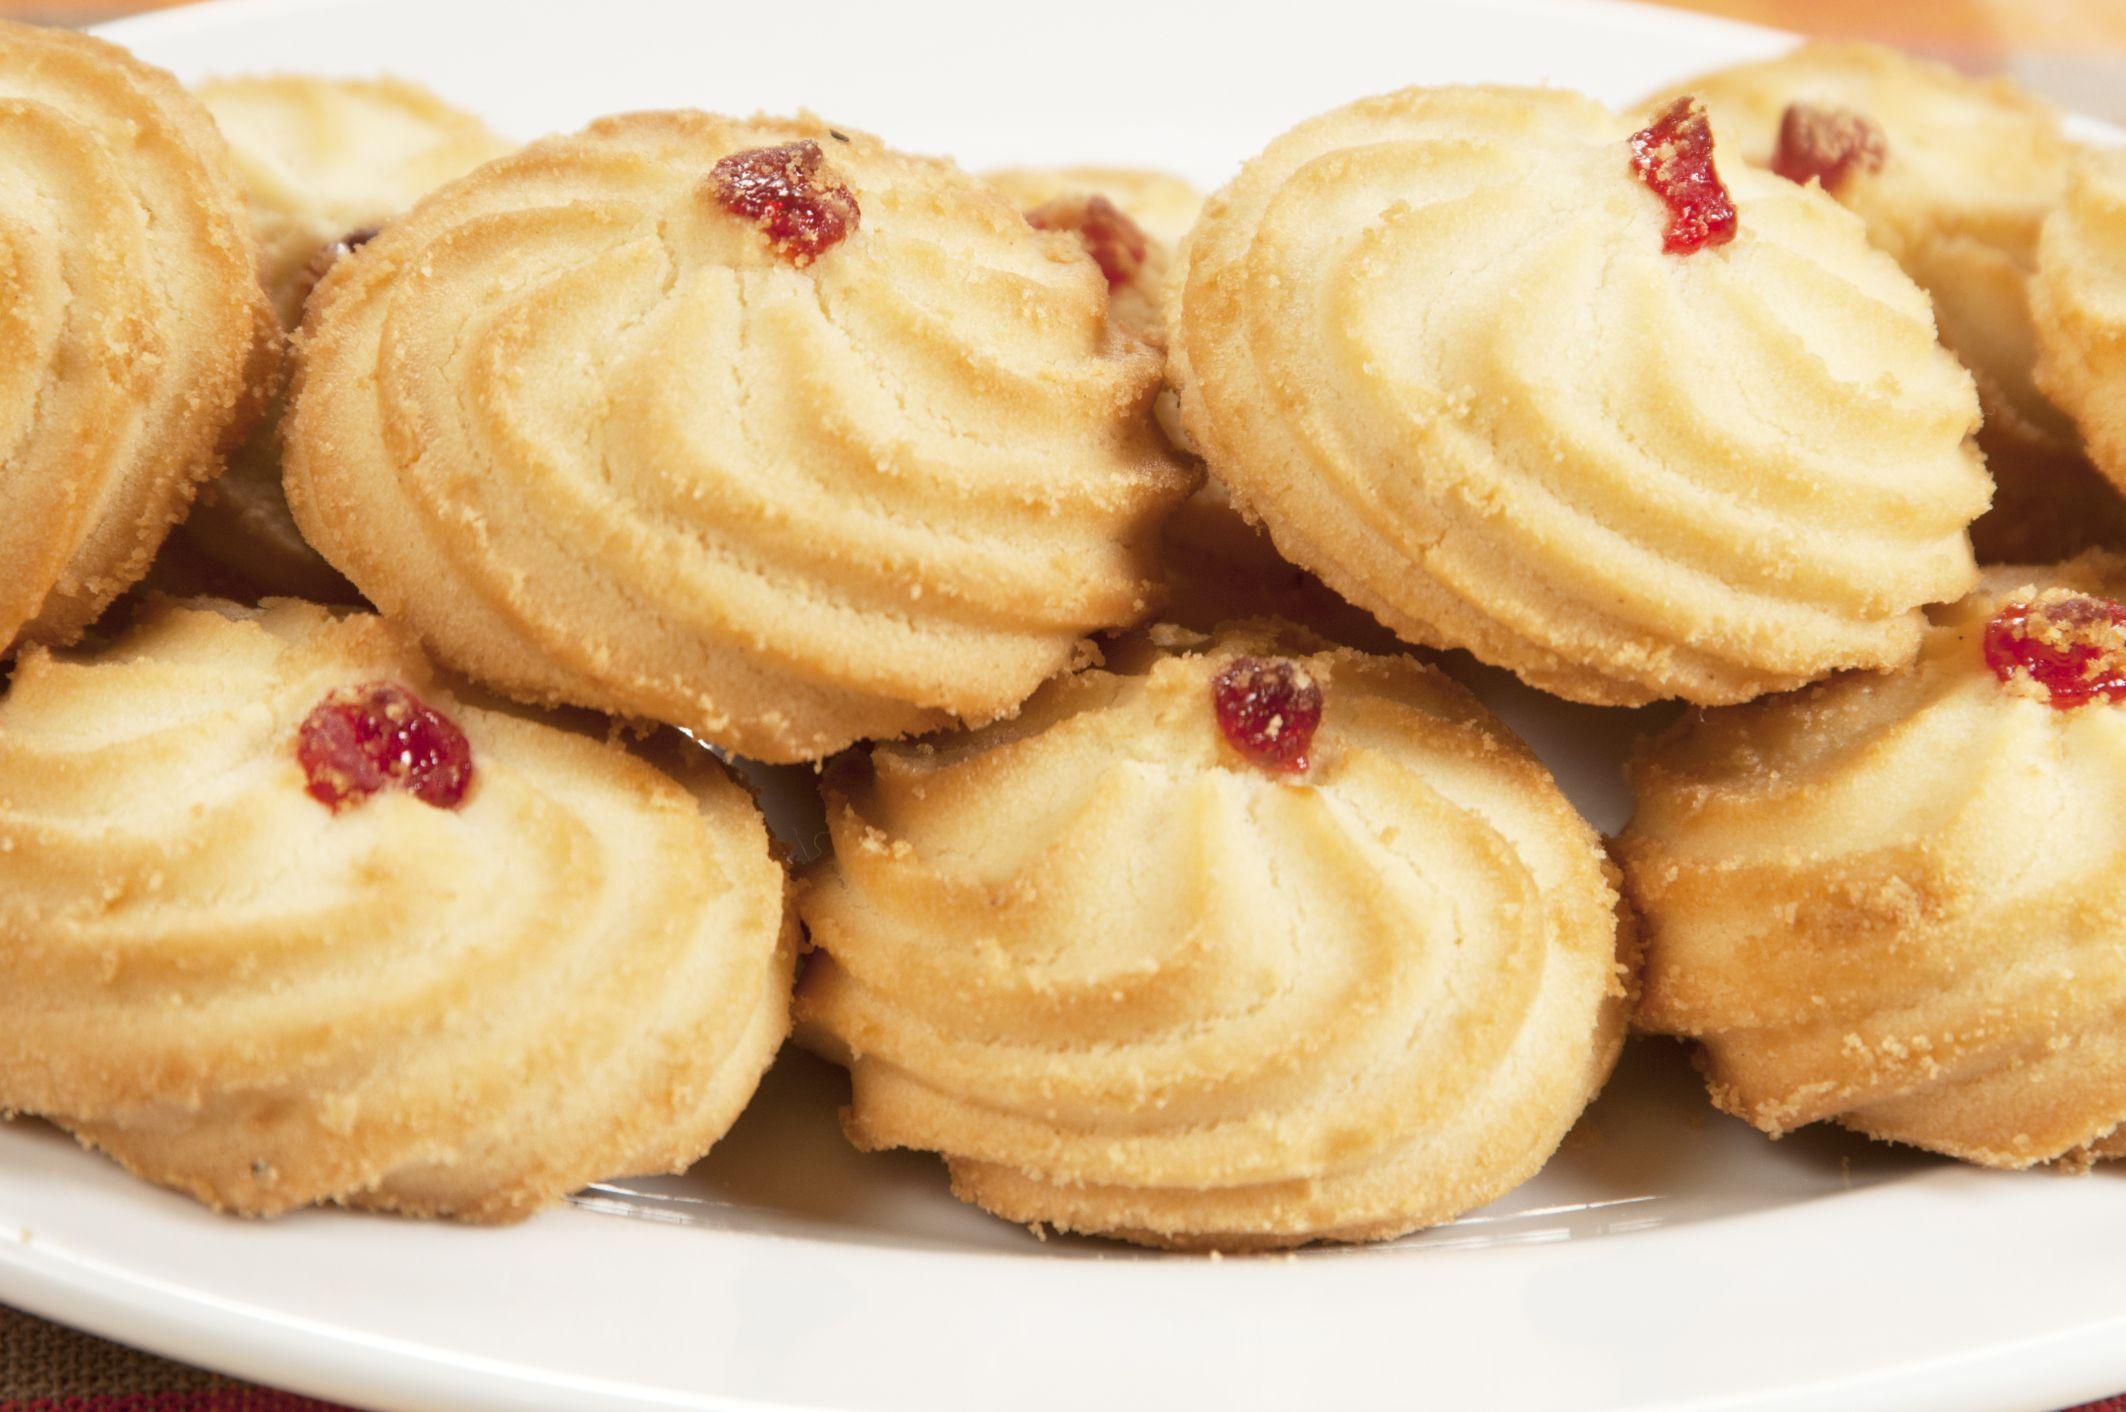 Курабье : рецепт песочного печенья в домашних условиях на маргарине, по 78